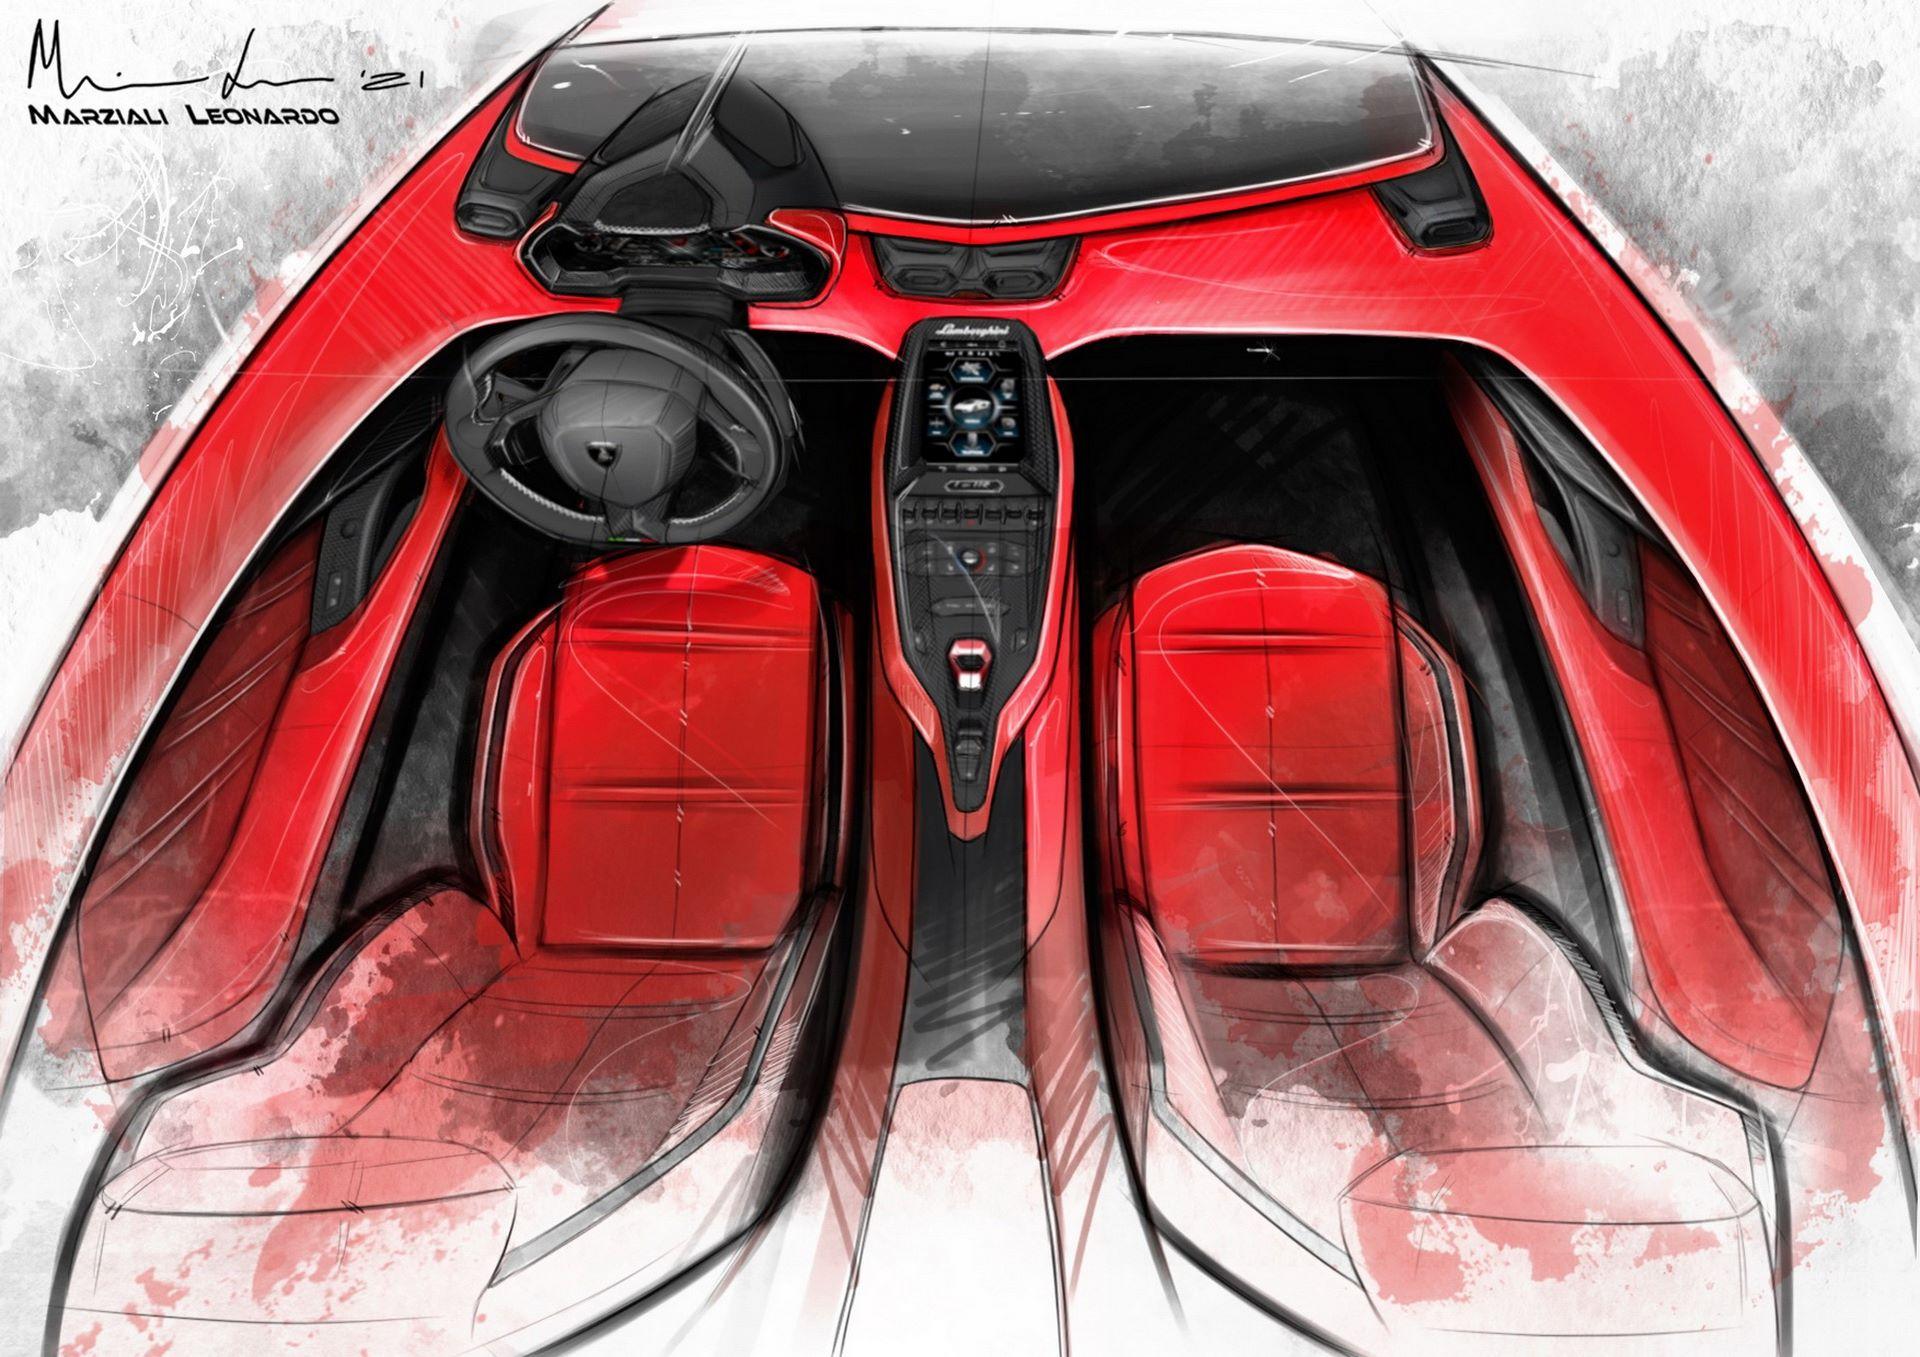 Lamborghini-Countach-LPI-800-4-110